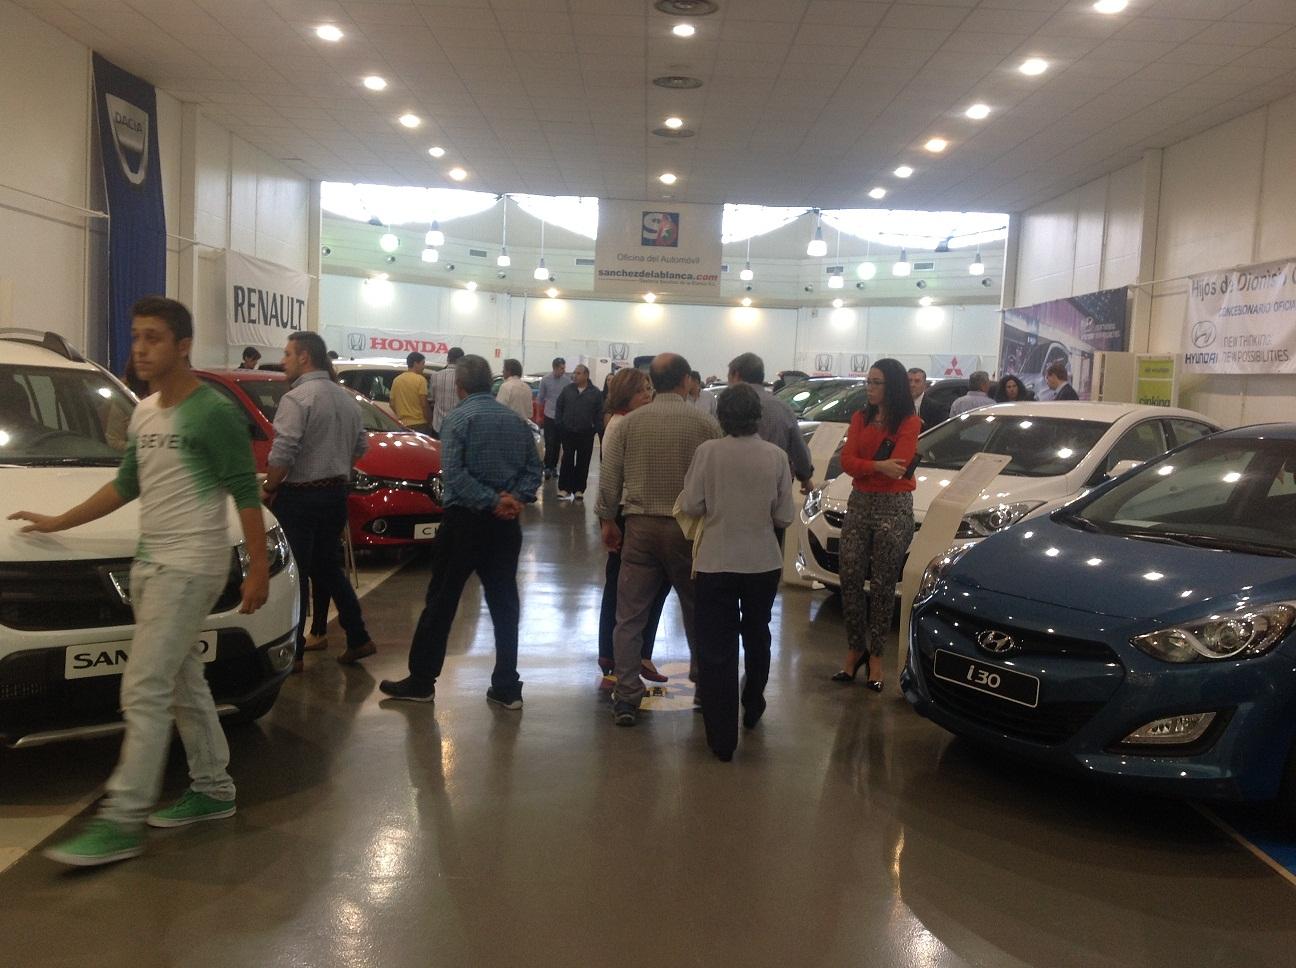 Satisfacción generalizada tras el IV Salón del Automóvil de Manzanares